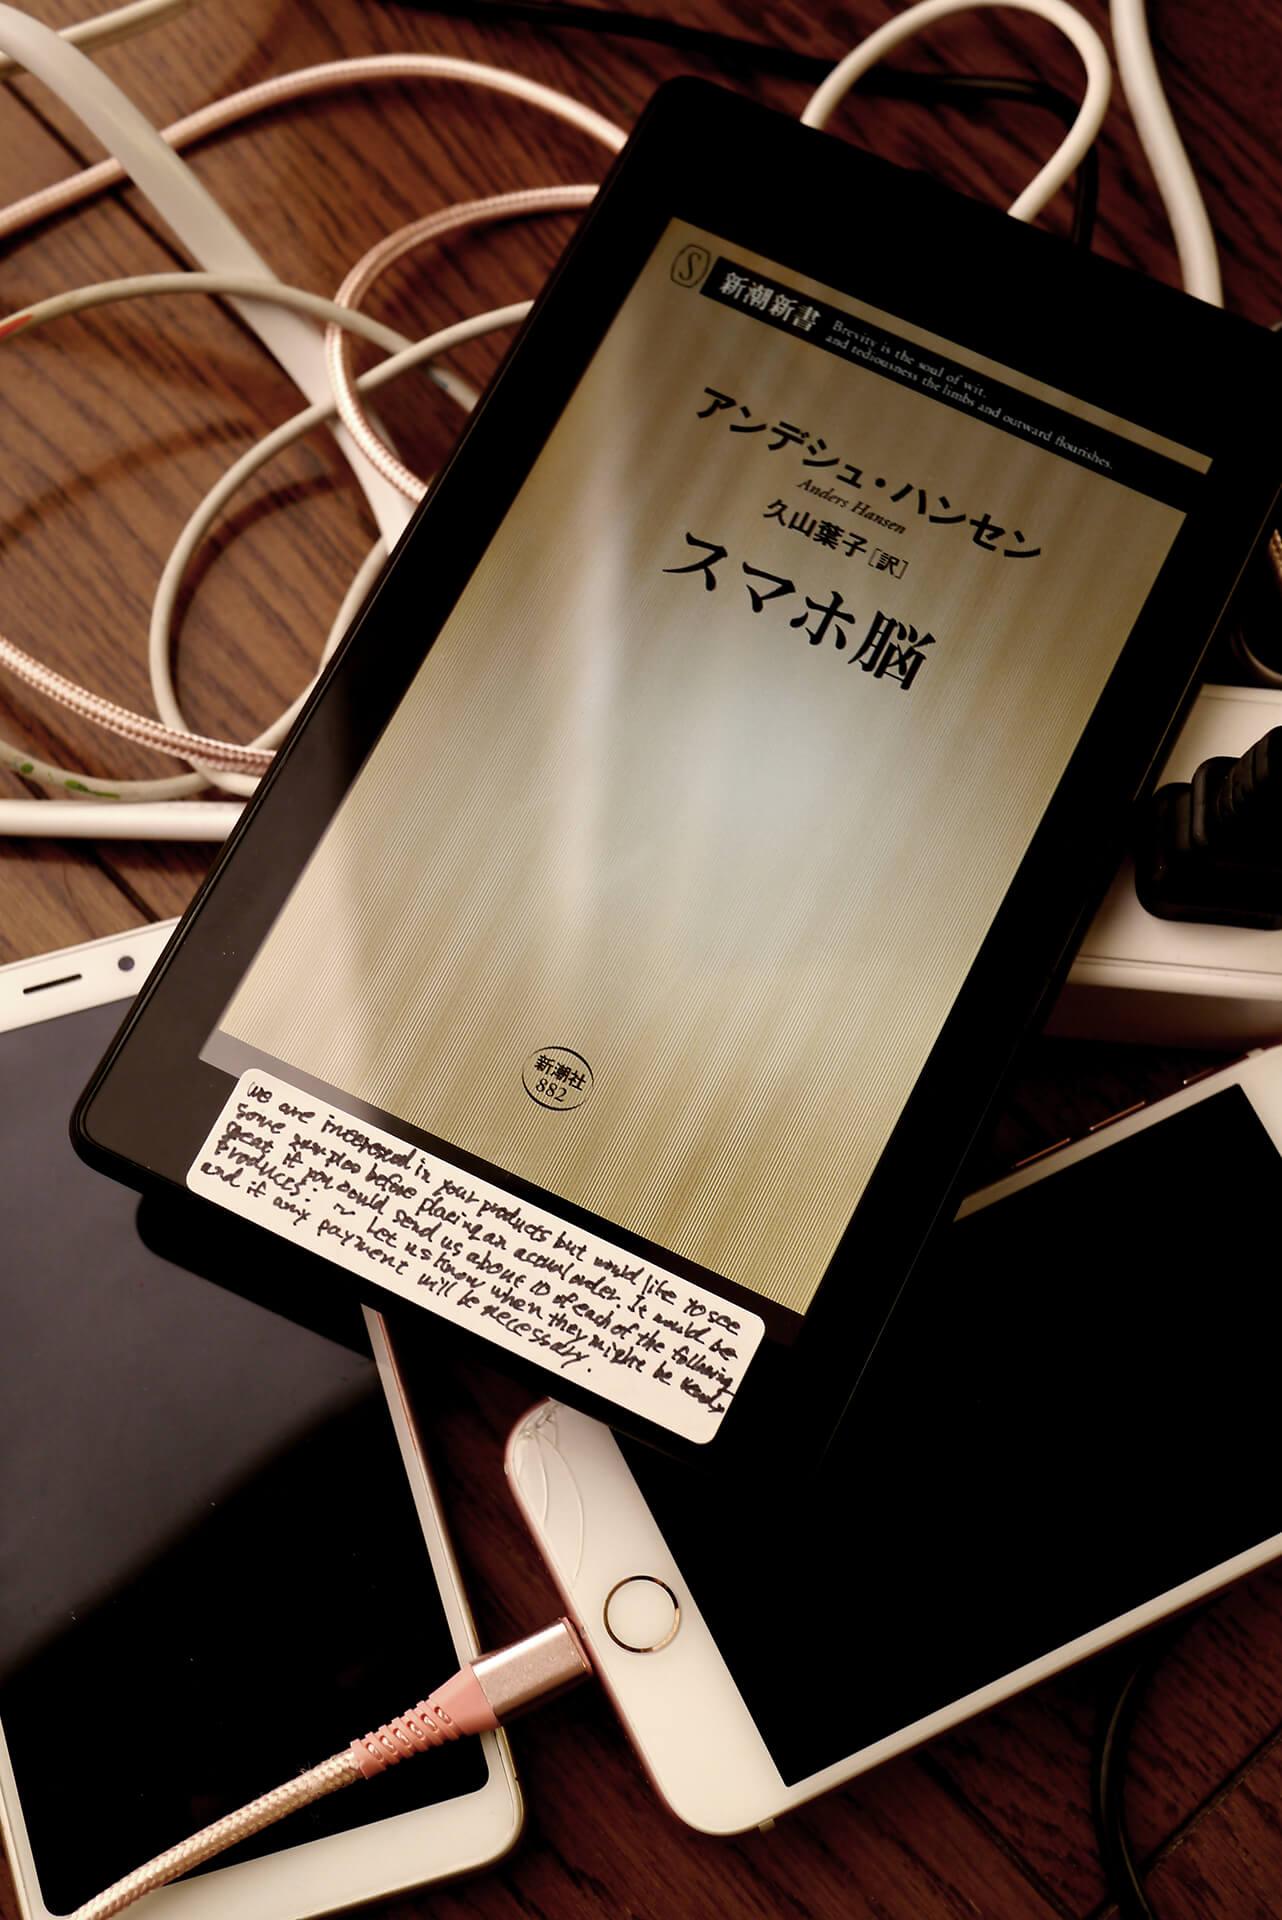 書籍スマホ脳(アンデシュ・ハンセン (著), 久山葉子 (翻訳) /新潮社)」の表紙画像